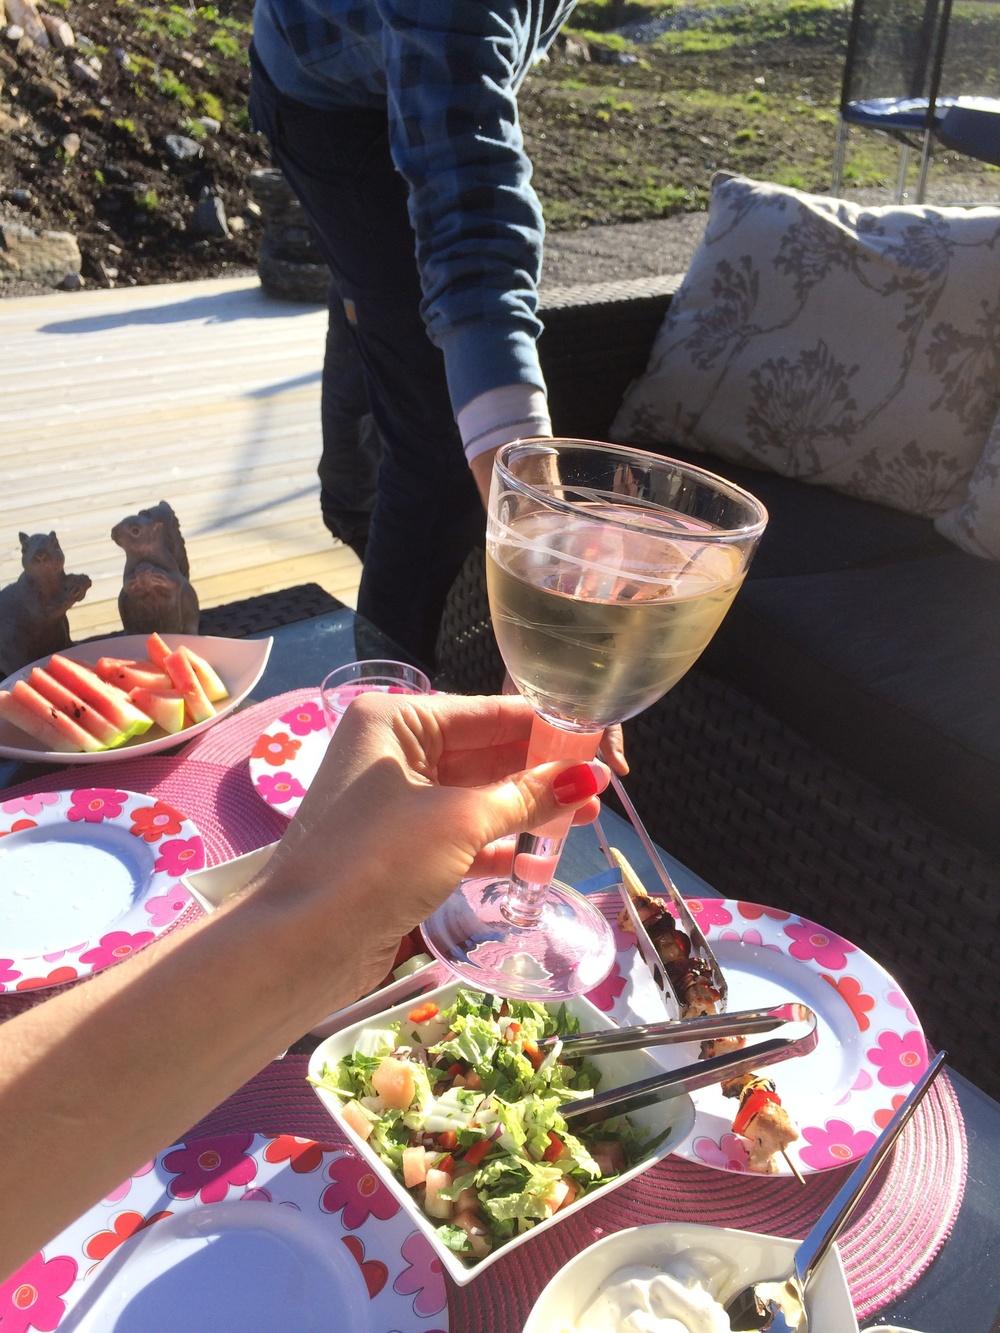 Med vin i glasset, og venner på besøk blir man ikke lite kreative, så den kommende helgen er allerede planlagt… Gøy, gøy!